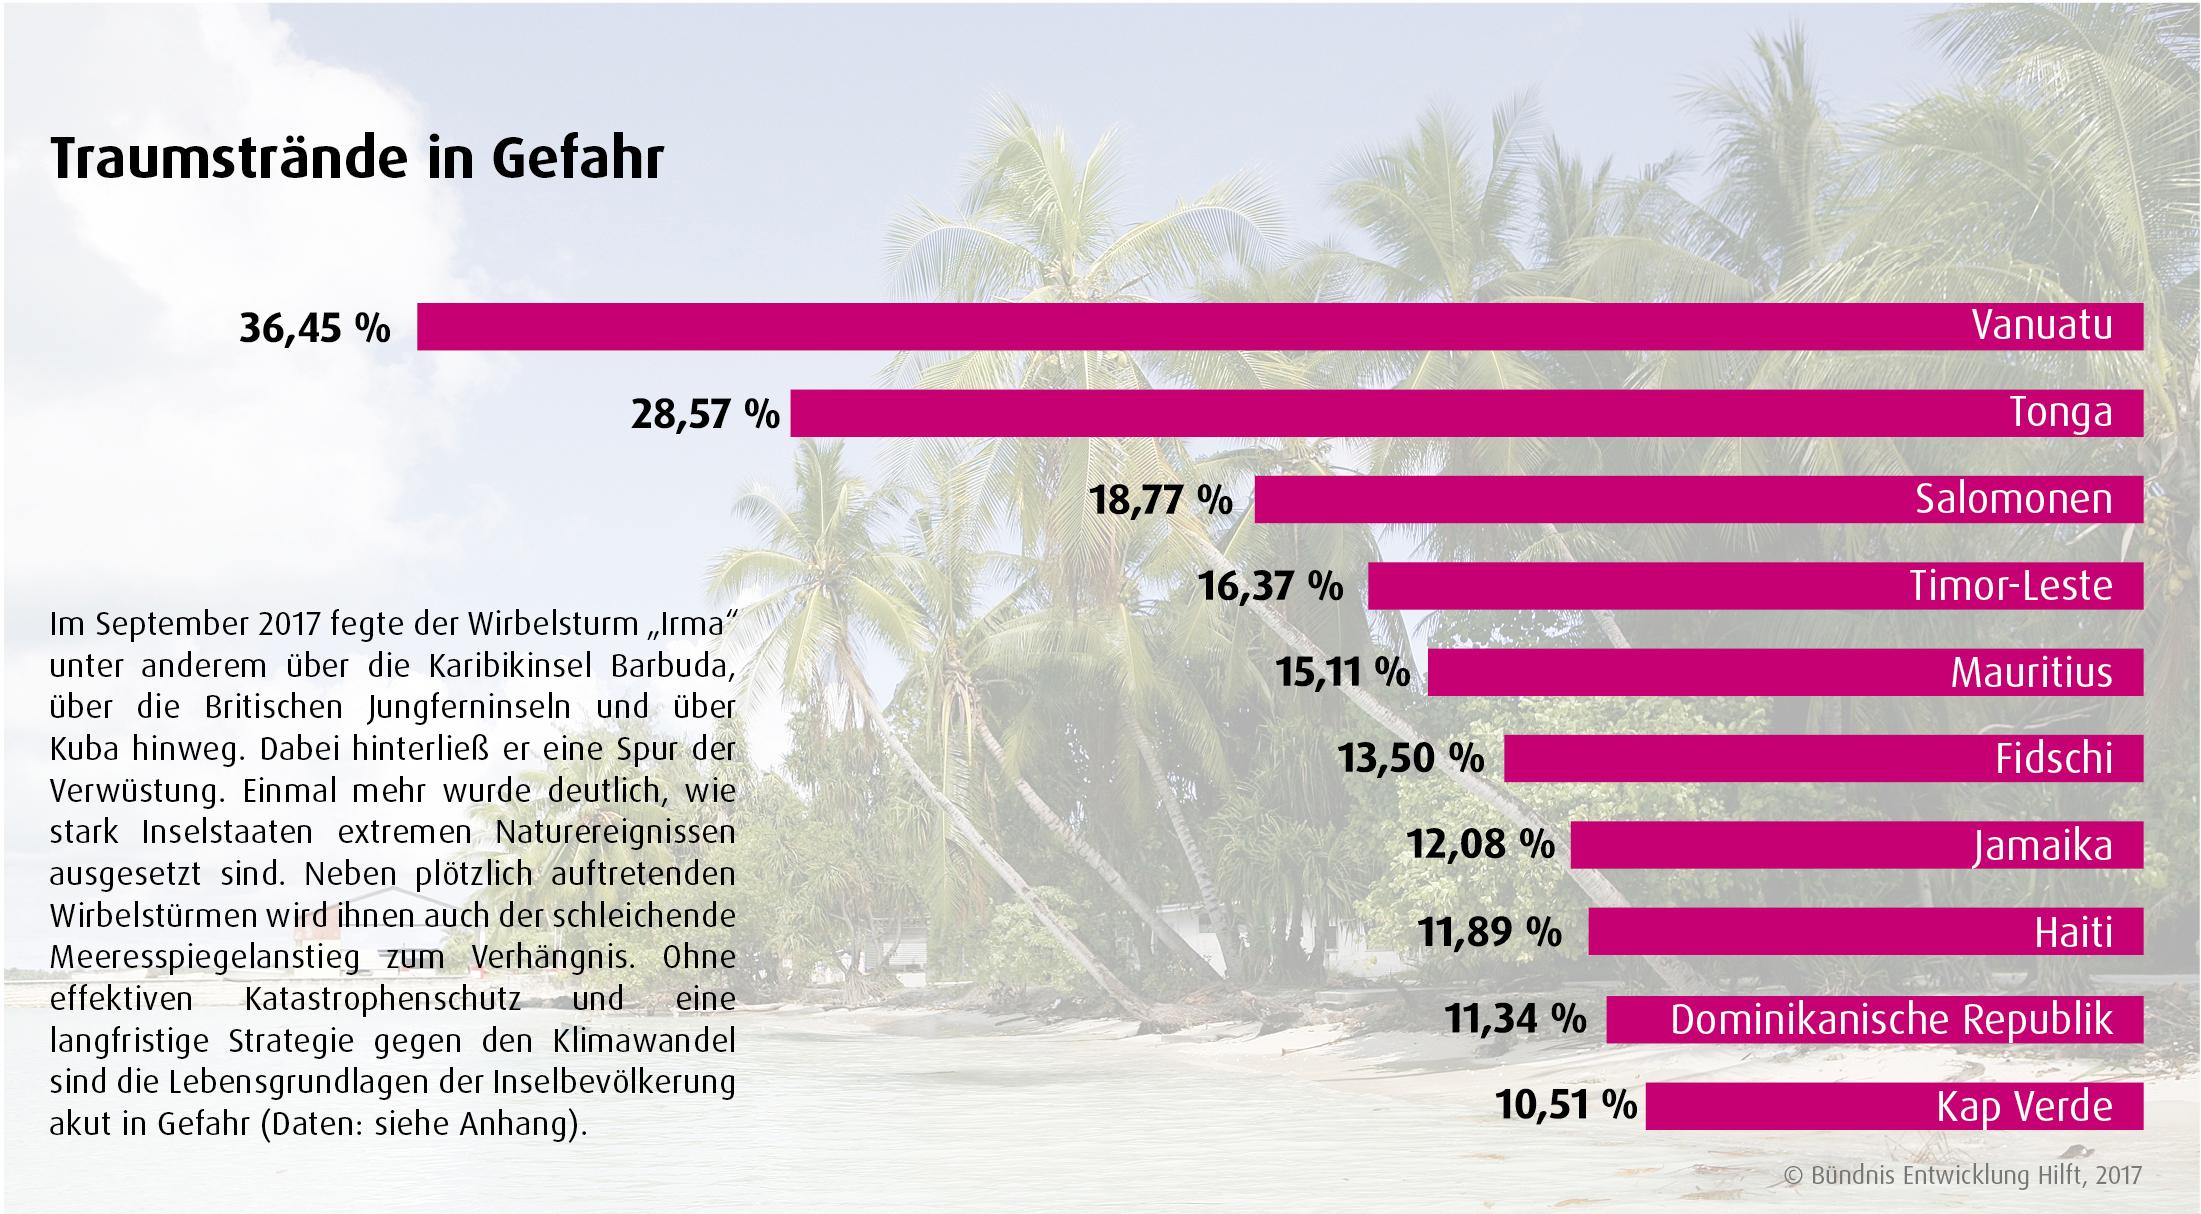 gesundheitlicher zustand deutschlands 2017